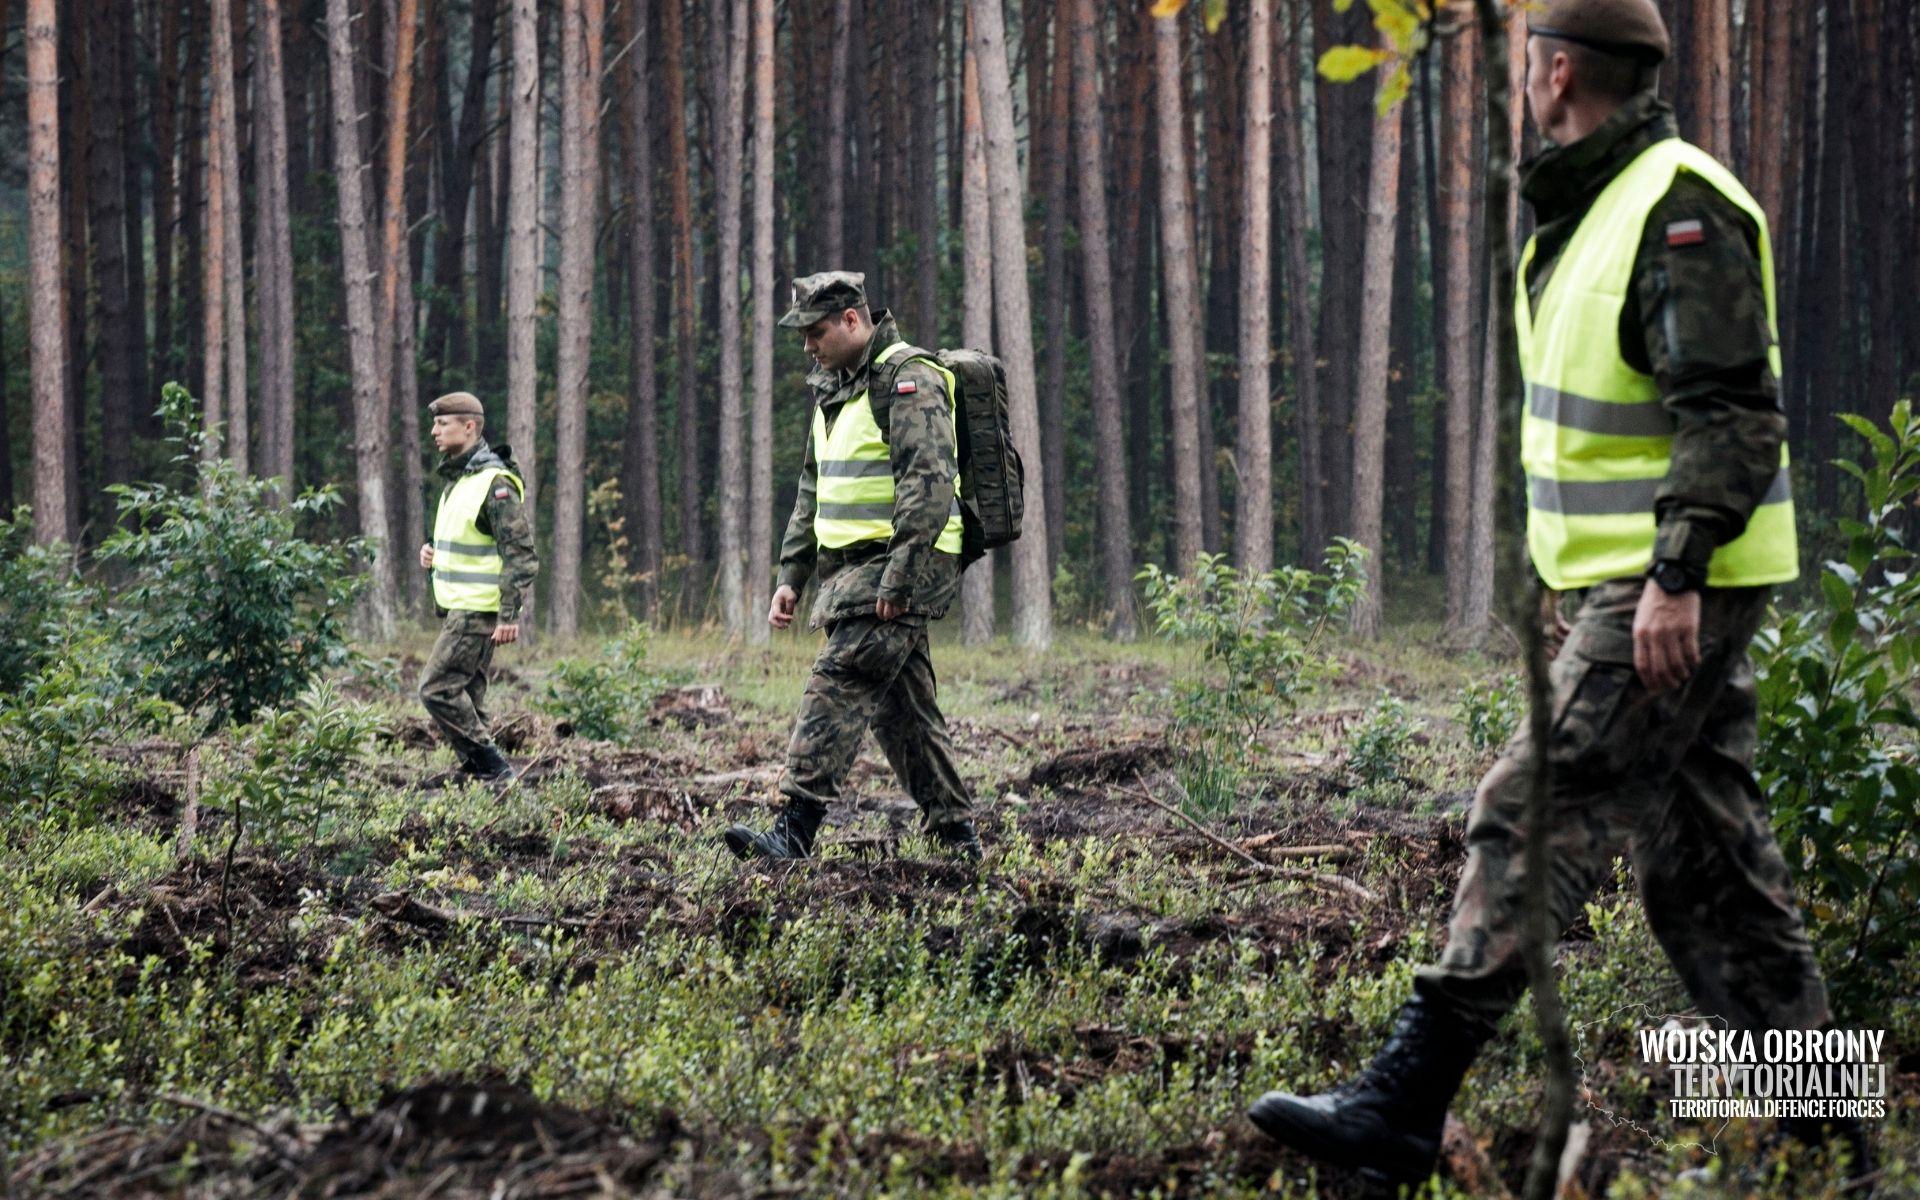 Lubelscy terytorialsi szukali rozbitego myśliwca i pilota - Zdjęcie główne